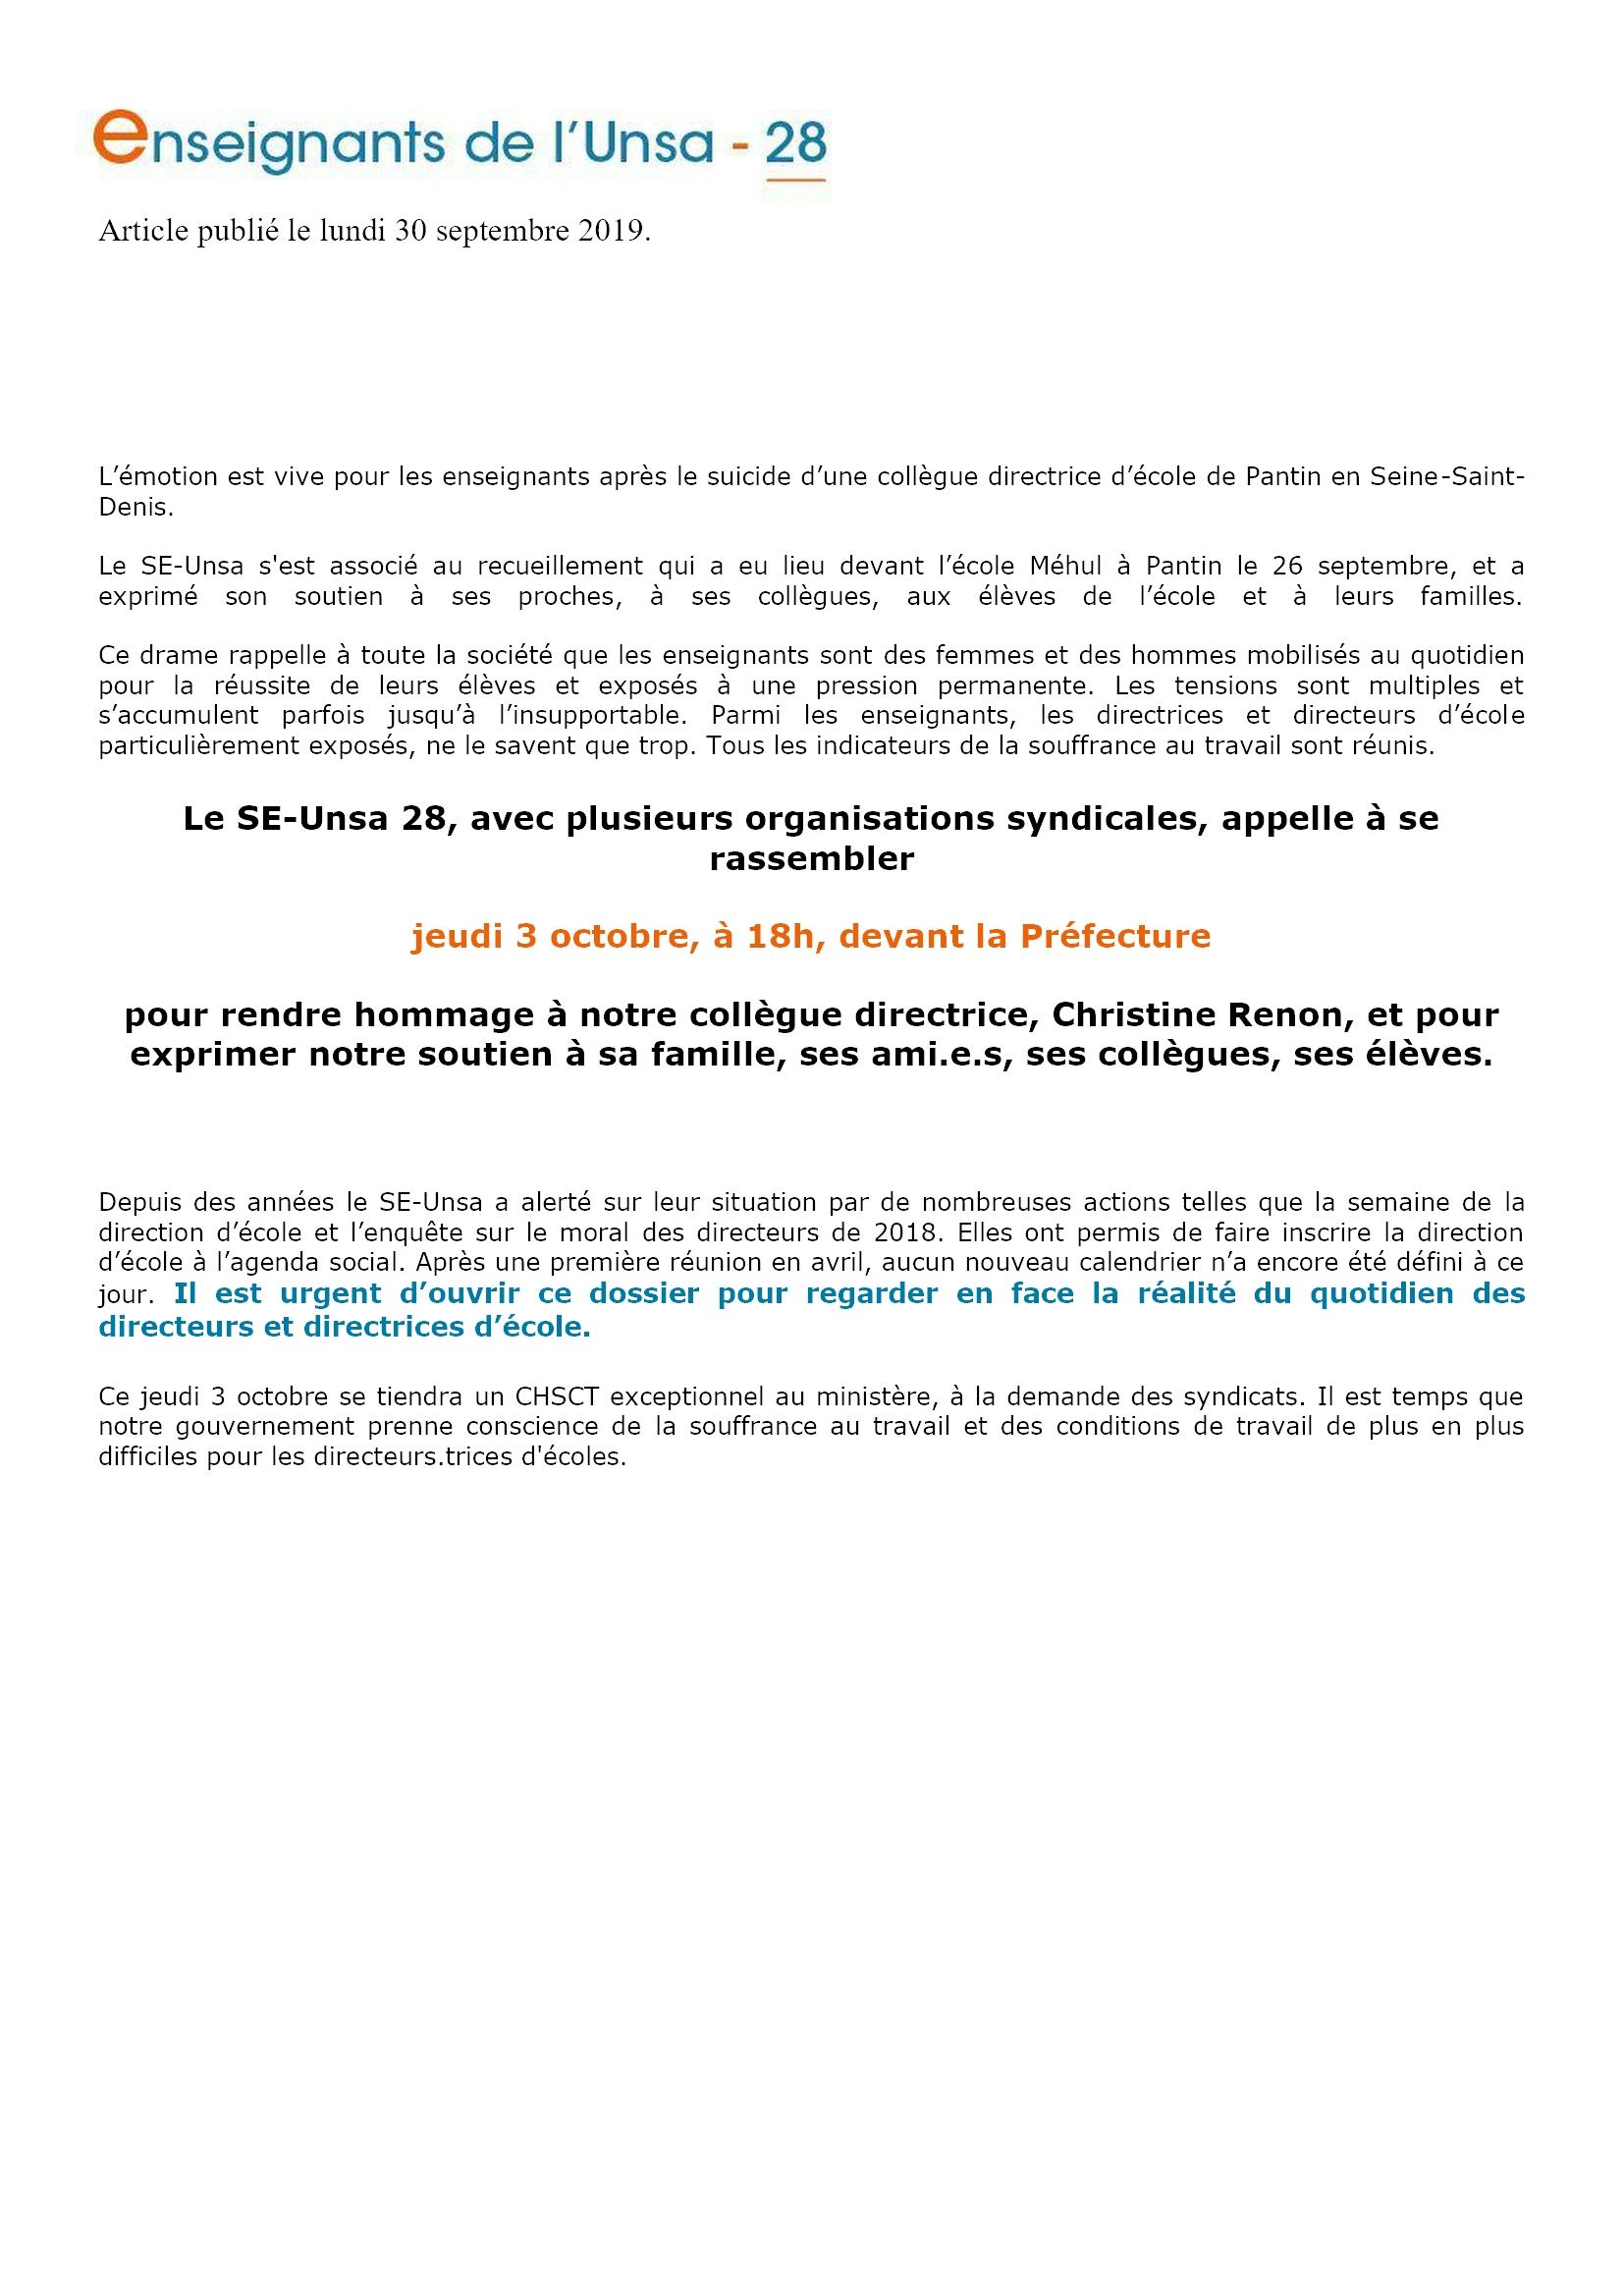 C.Renon Communiqué du SE-UNSA-28 30-09-2019